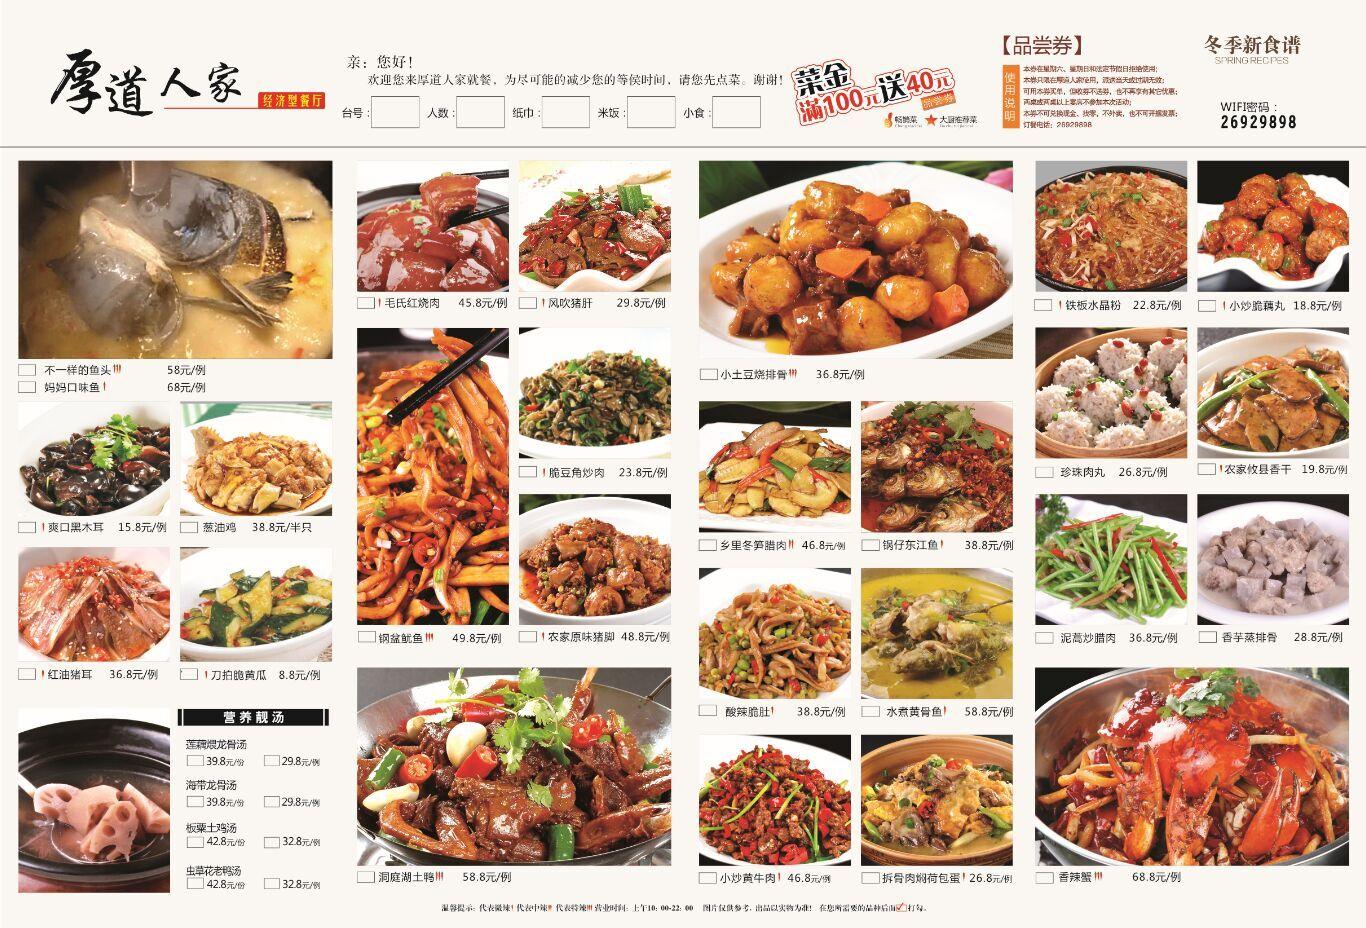 坪山坪地湘菜餐厅2016年新款菜谱点菜单设计